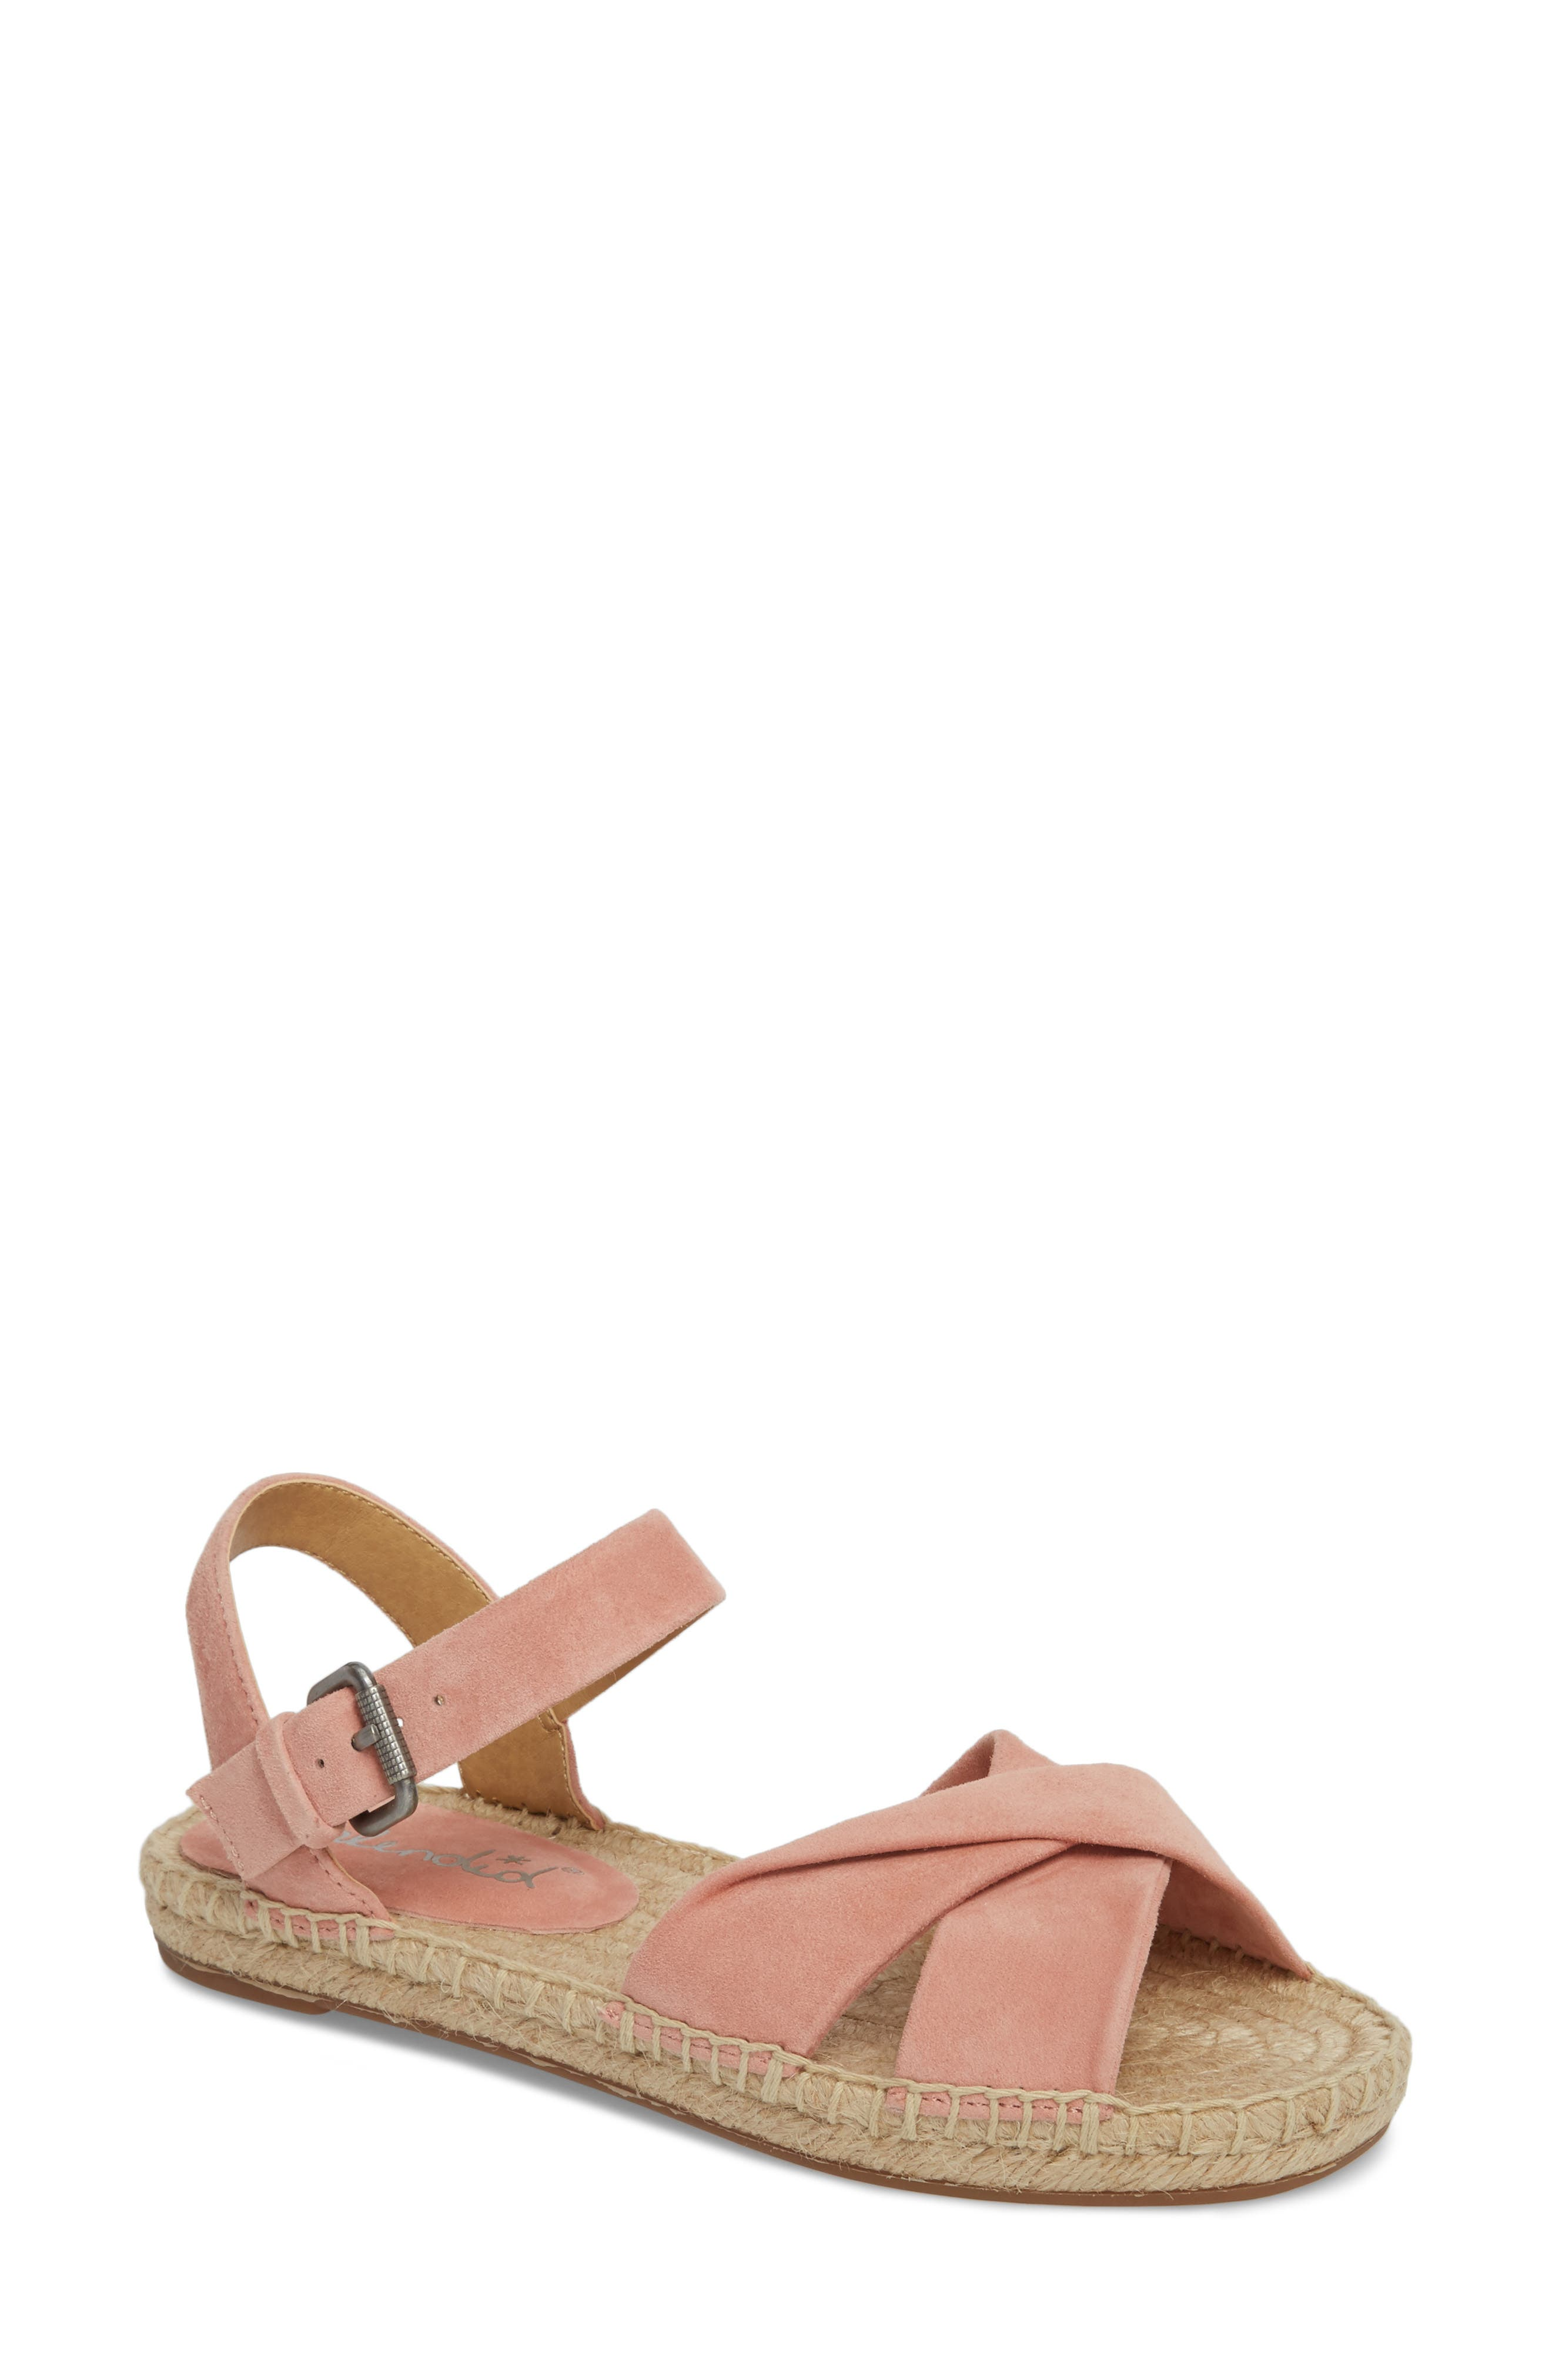 Splendid Fae Espadrille Sandal- Pink